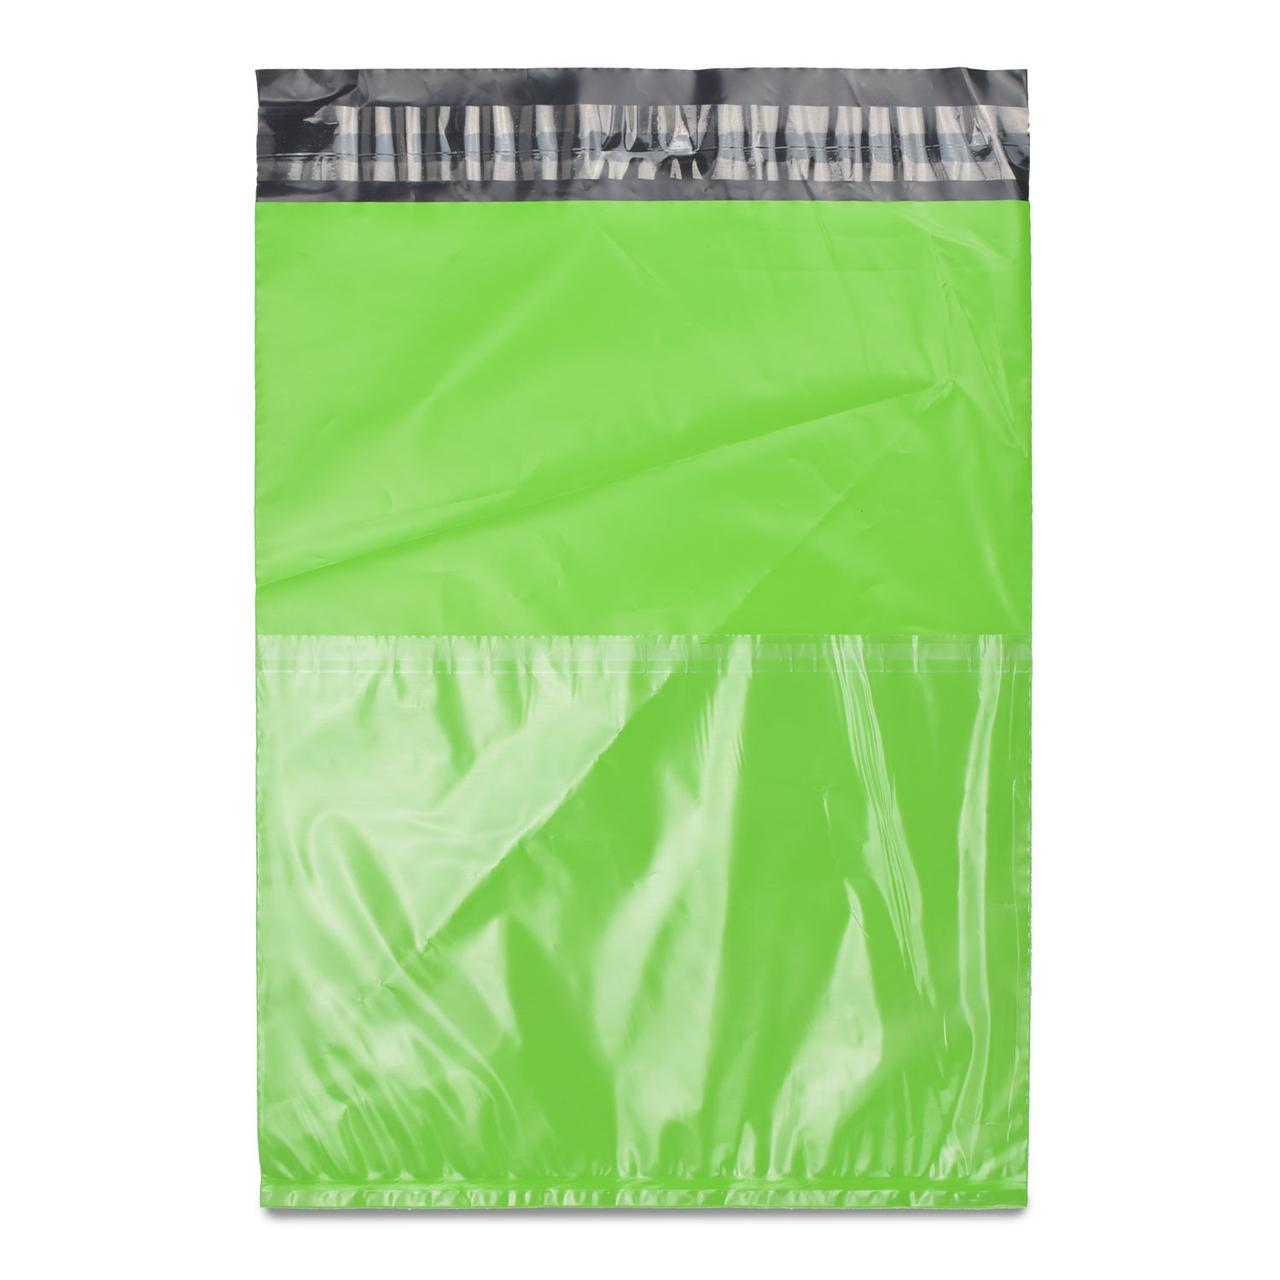 Курьерские полиэтиленовые пакеты зеленые 240х320 мм + 40 мм (клапан) с прозрачным карманом для документов